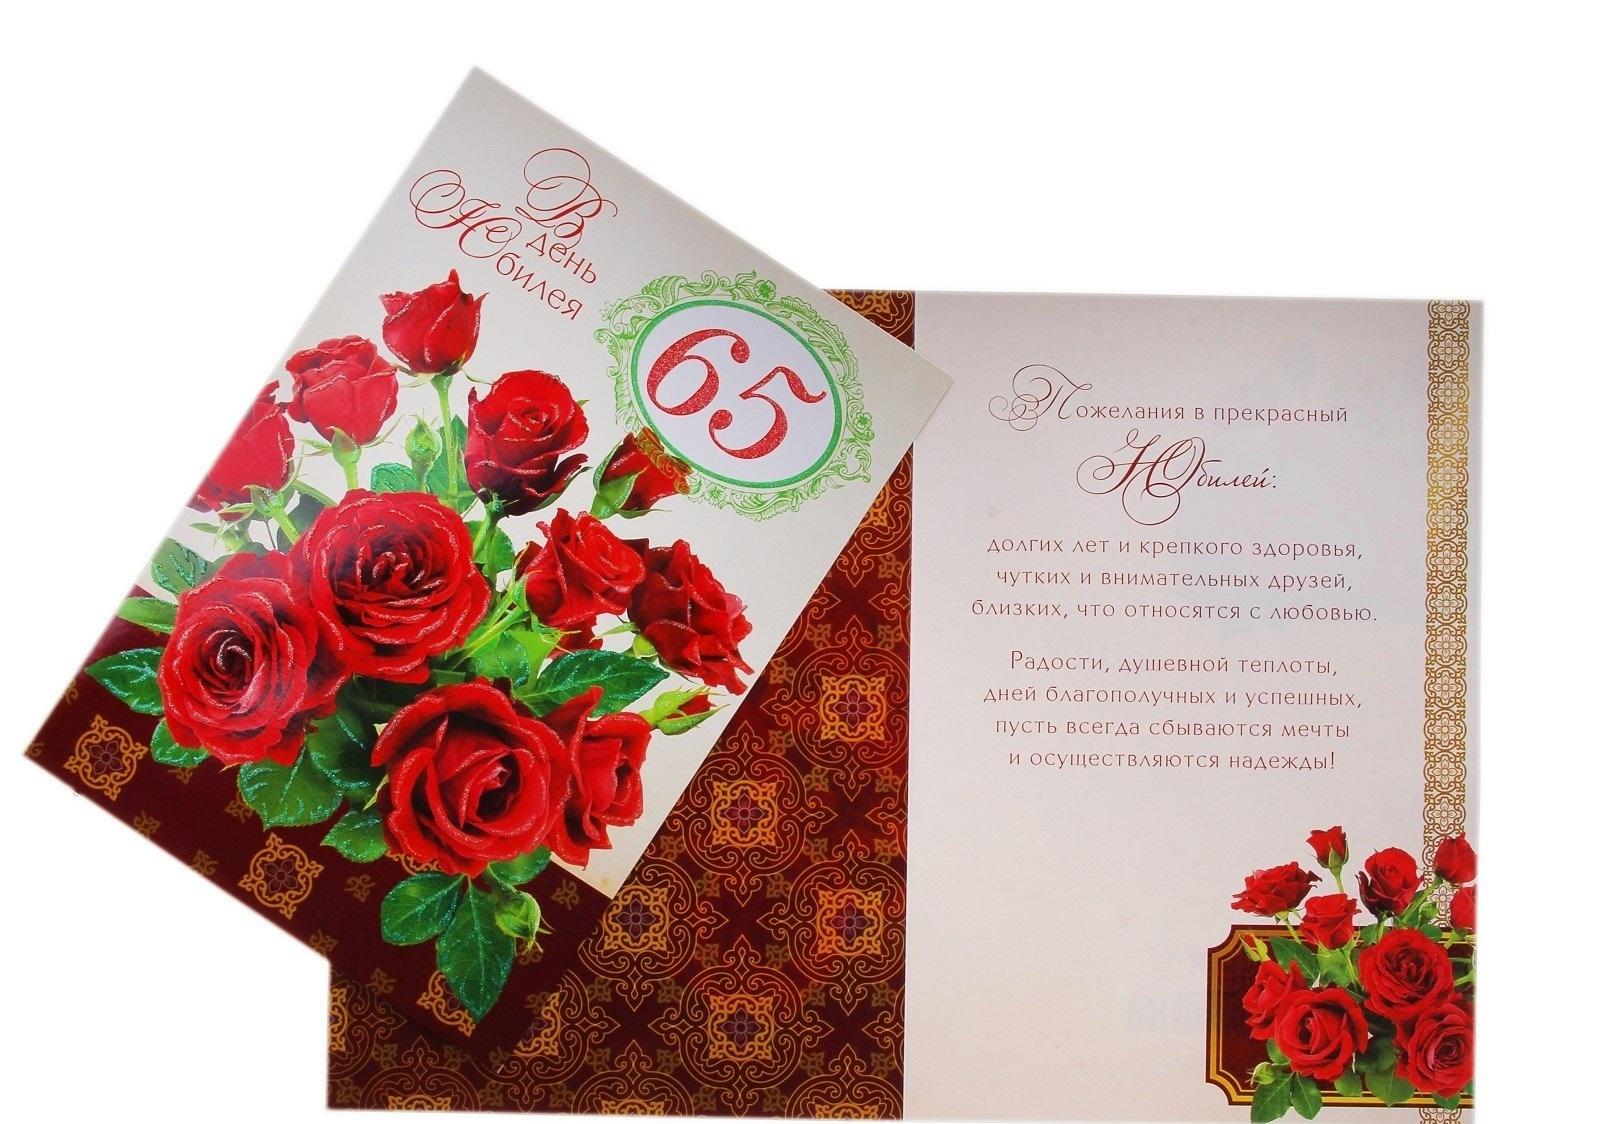 Как красиво подписать открытку для юбилея женщины 65 лет фото